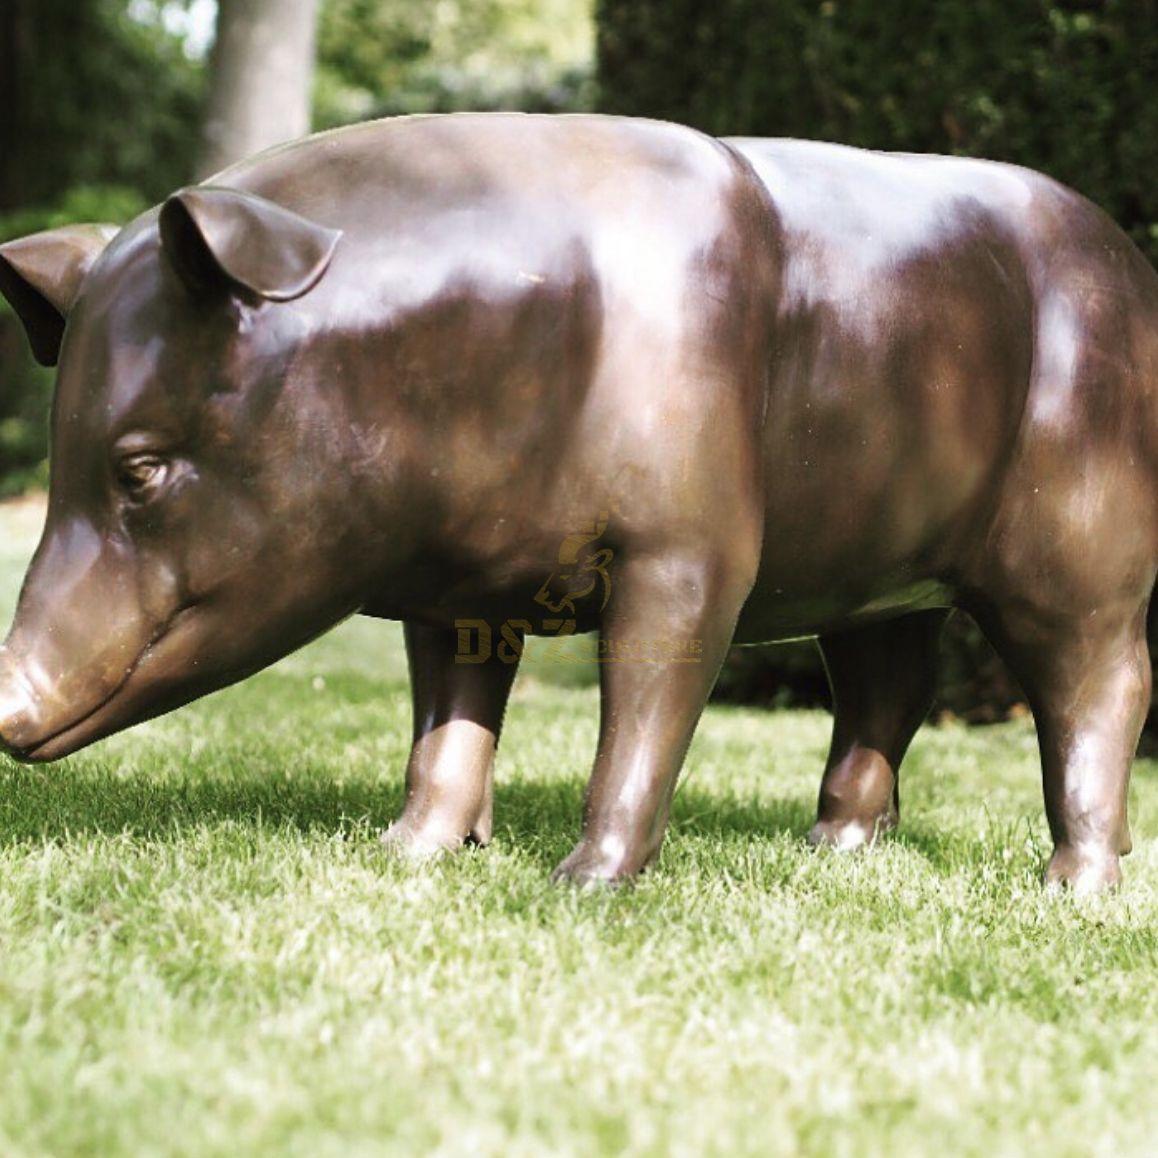 Brass Pig Statue